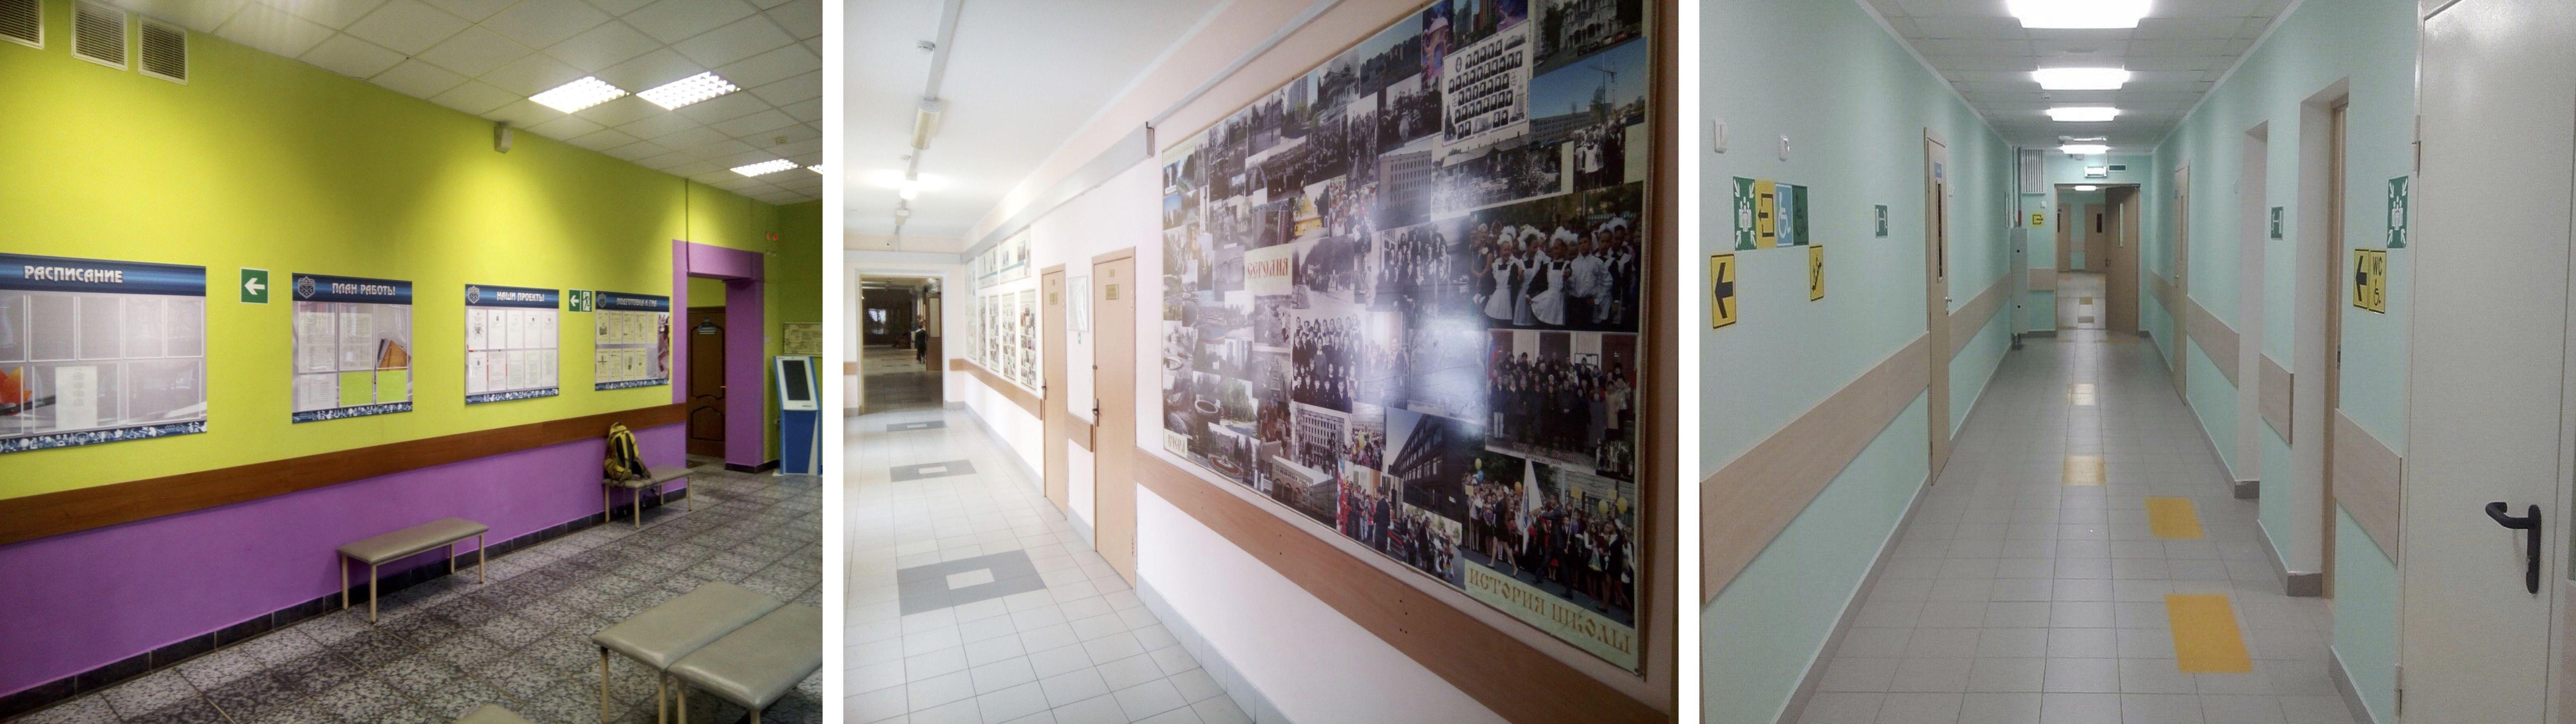 Типичные пространства современных школ